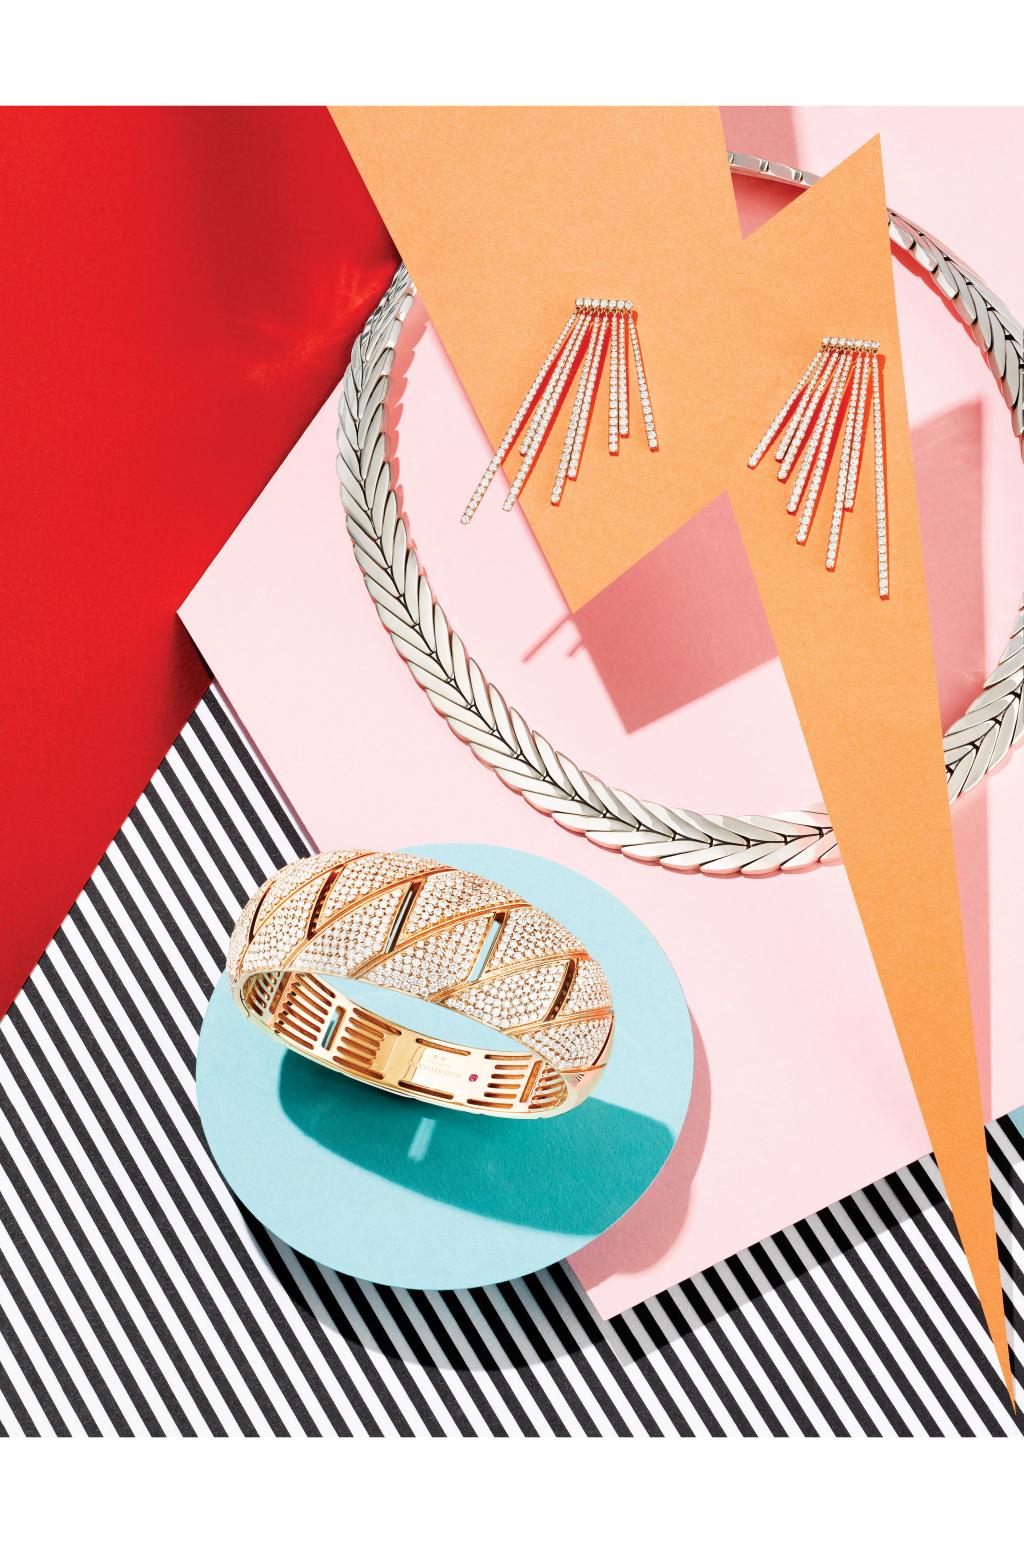 Модные украшения: кольцо, браслет, серьги - тренды сезона..